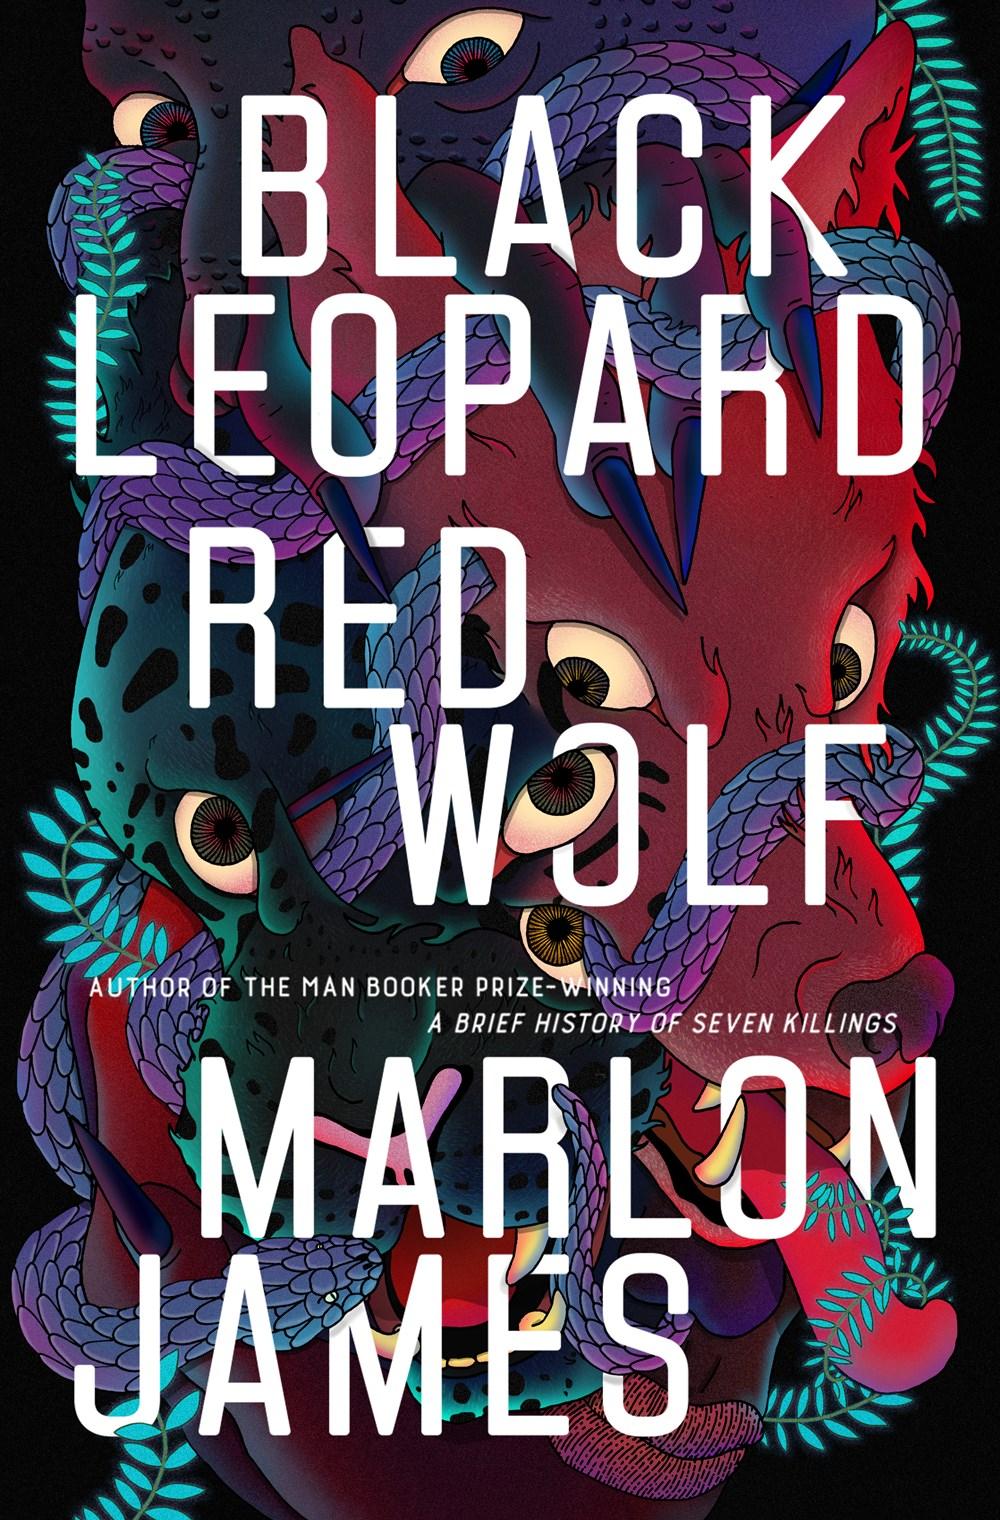 black leopard red wolf.jpg